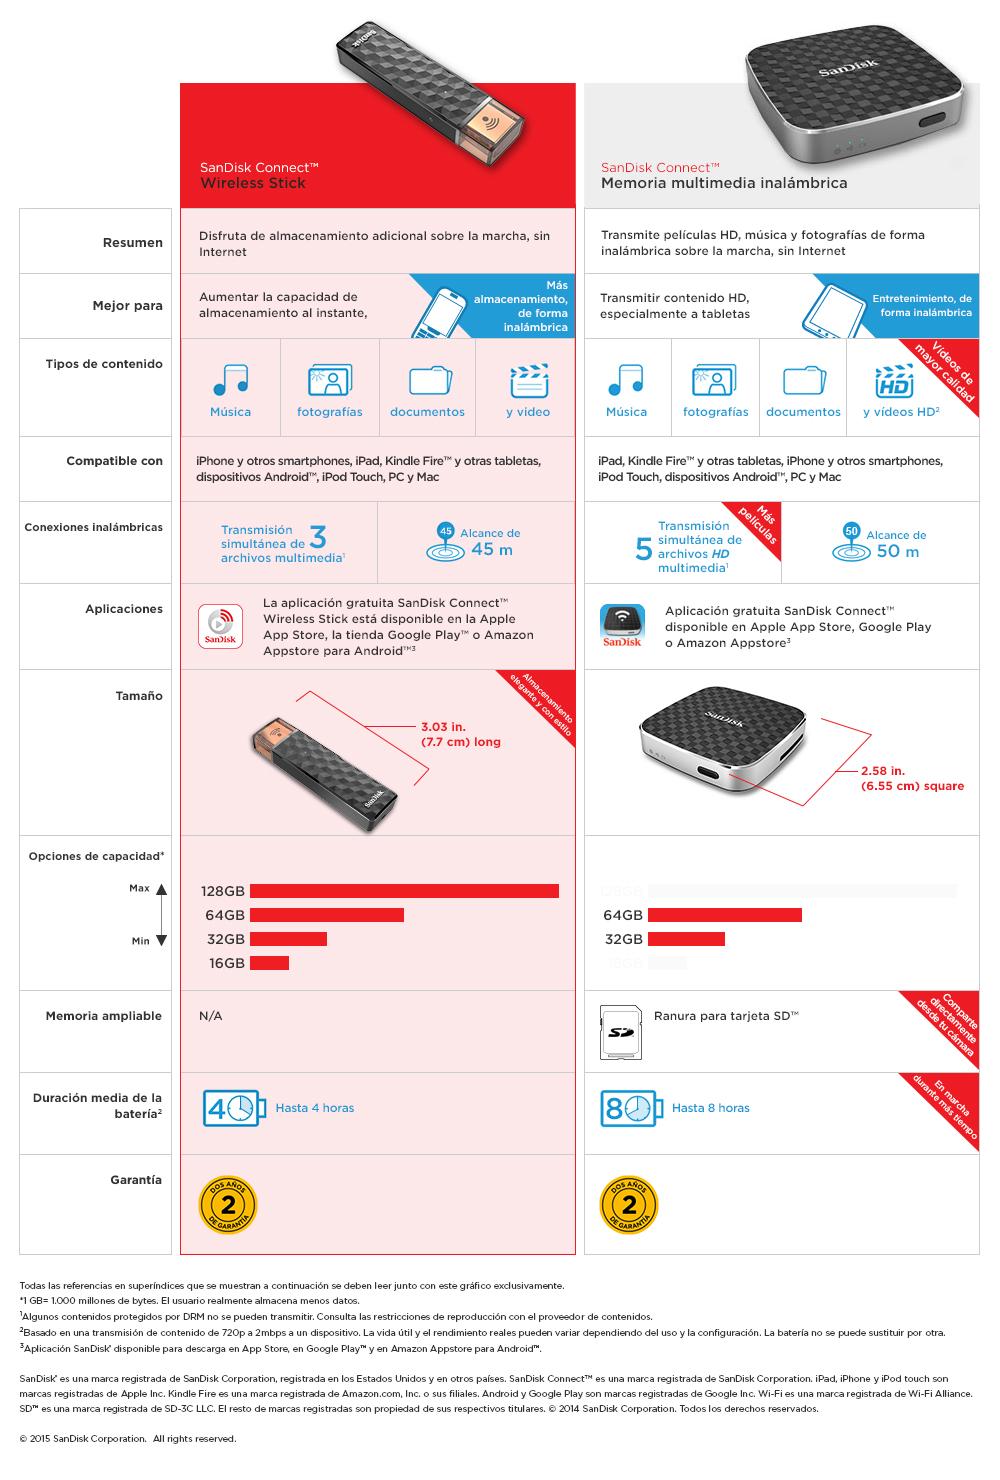 Promo Sandisk Connect Wireless Stick 32 Gb Terbaru 2018 P Pavilion 14 Al168tx Notebook Silver I5 7200u 4gb 1tb 14ampquot Win 10 Mcafee Dbp Informatica Memoria Usb 32gb